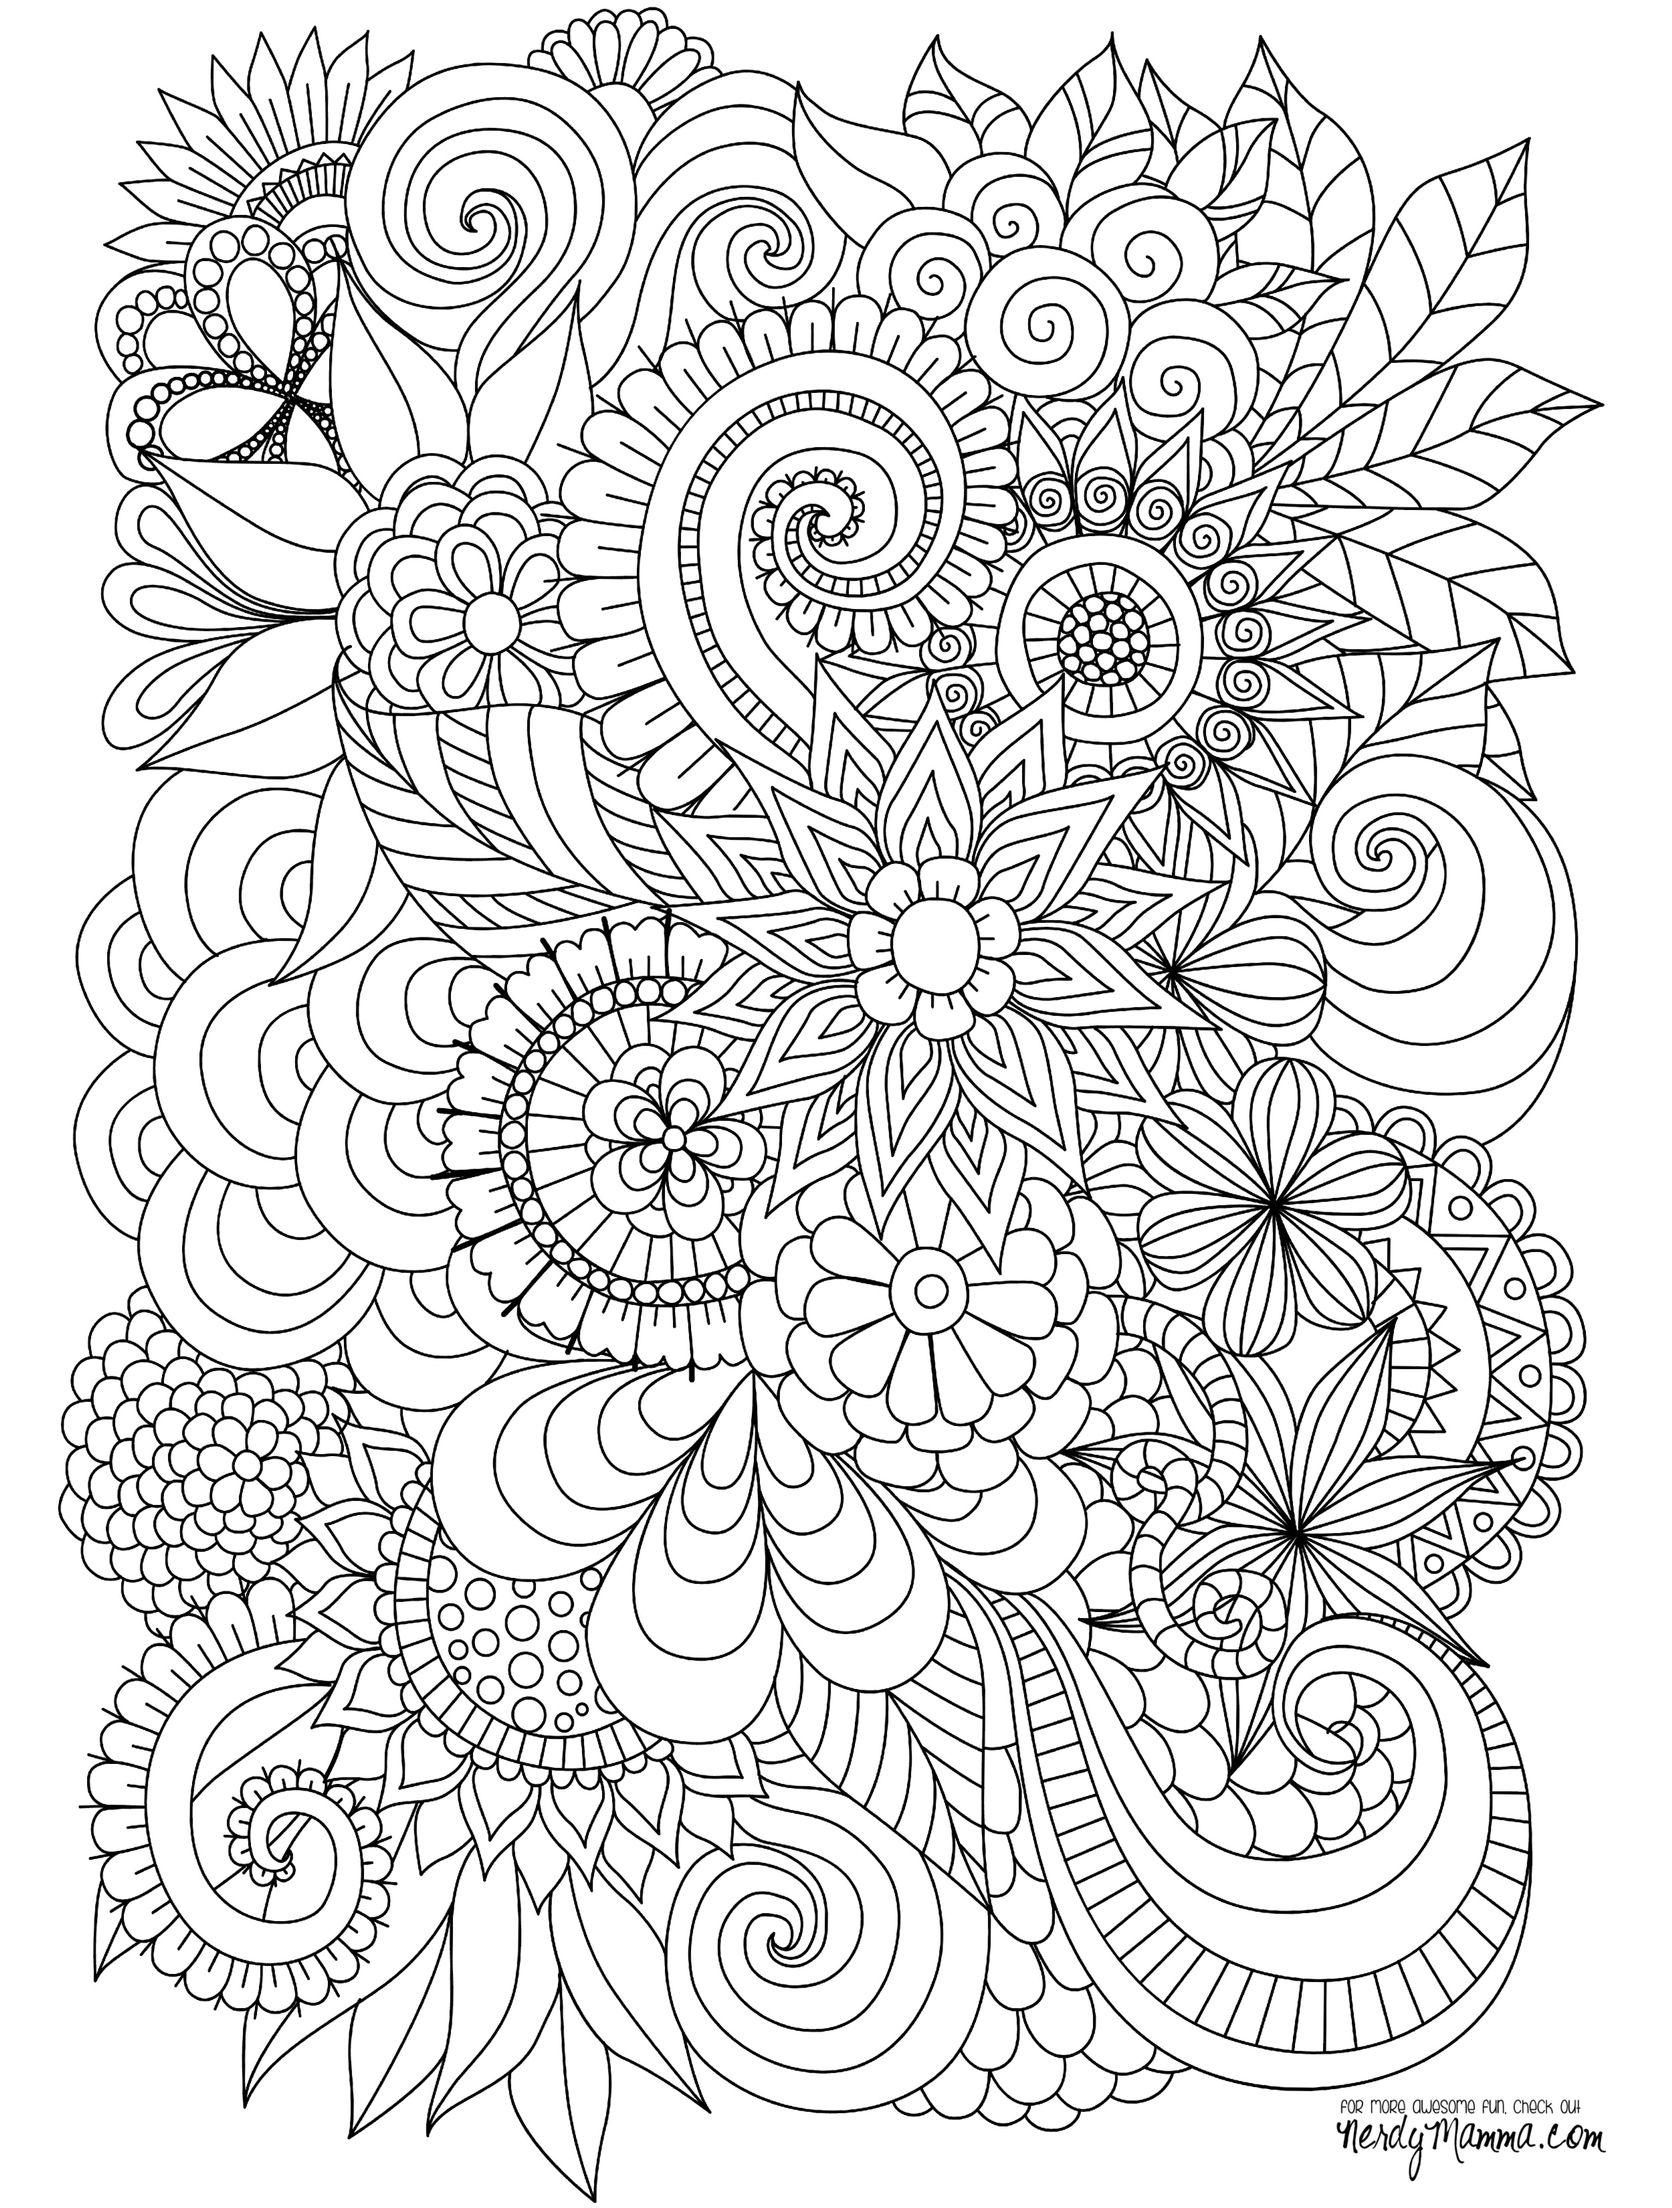 Ausmalbilder Blumen Für Erwachsene : 0a07ecd3225725f745b7d90ee63b58f6 Jpg 1672 2208 Buhos Para Pintar